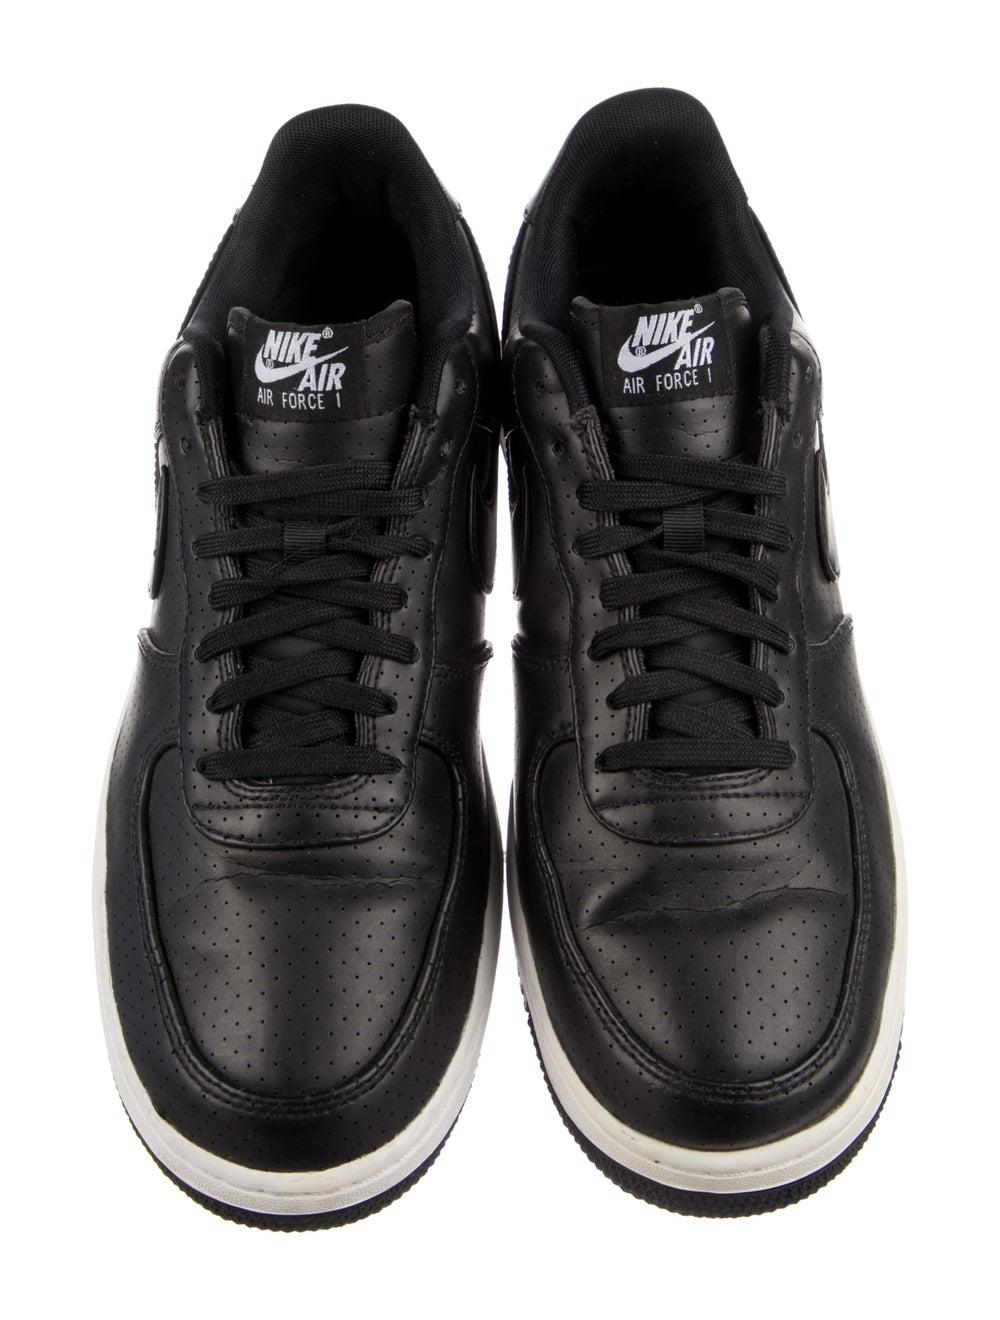 Nike Air Force 1 Low Premium Sneakers Black - image 3